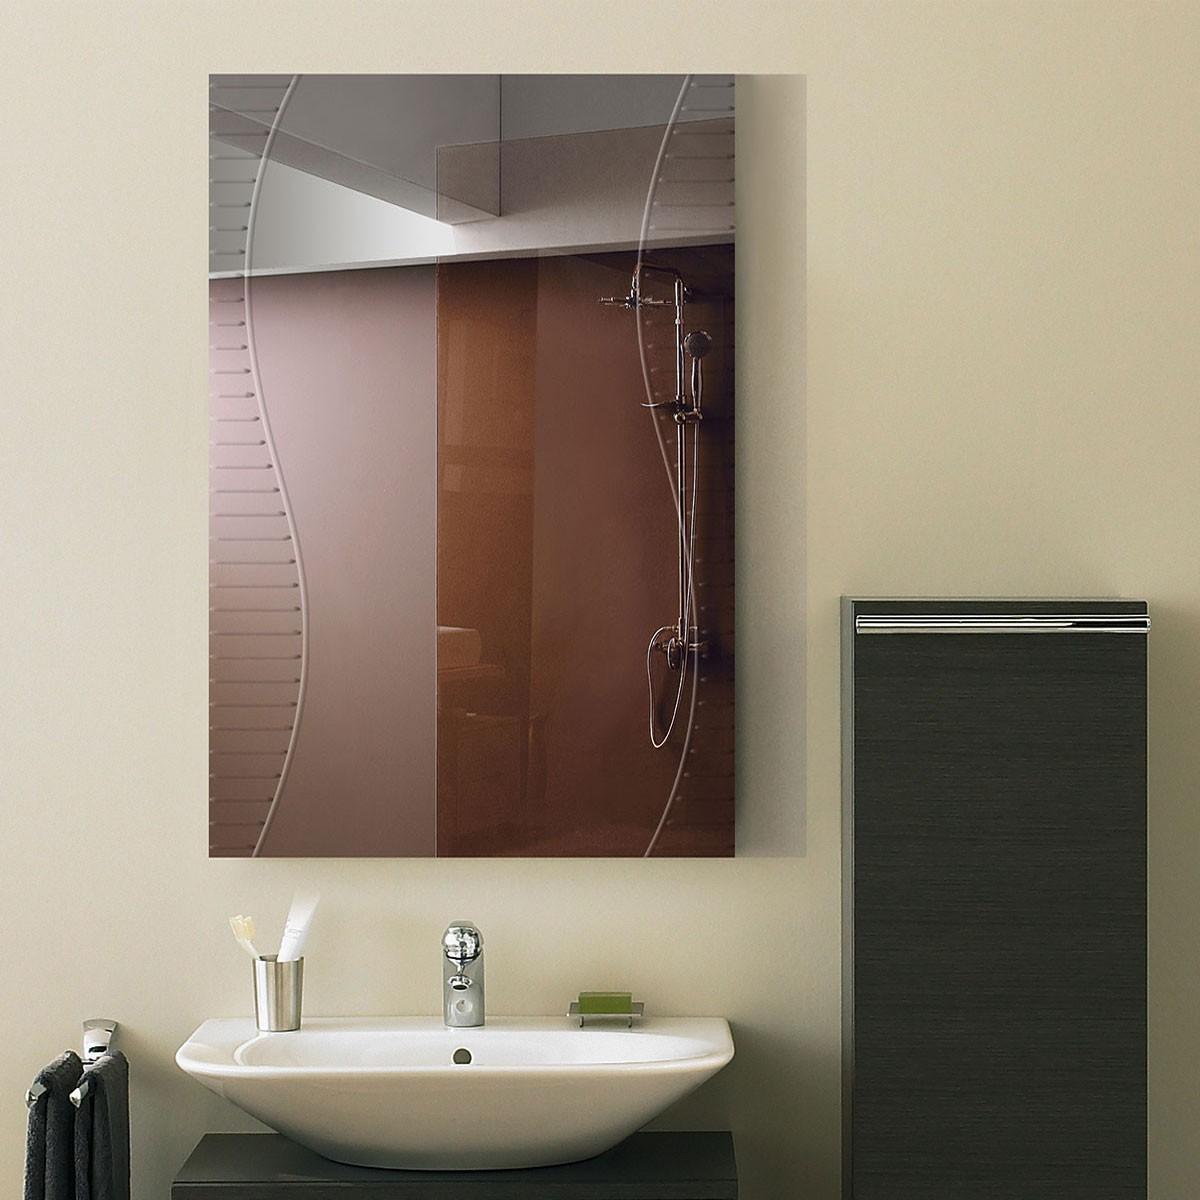 36 x 24 po Miroir Mural Salle de Bain Classique Rectangulaire sans Cadre - Accrochage Vertical (DK-OD-B068A)